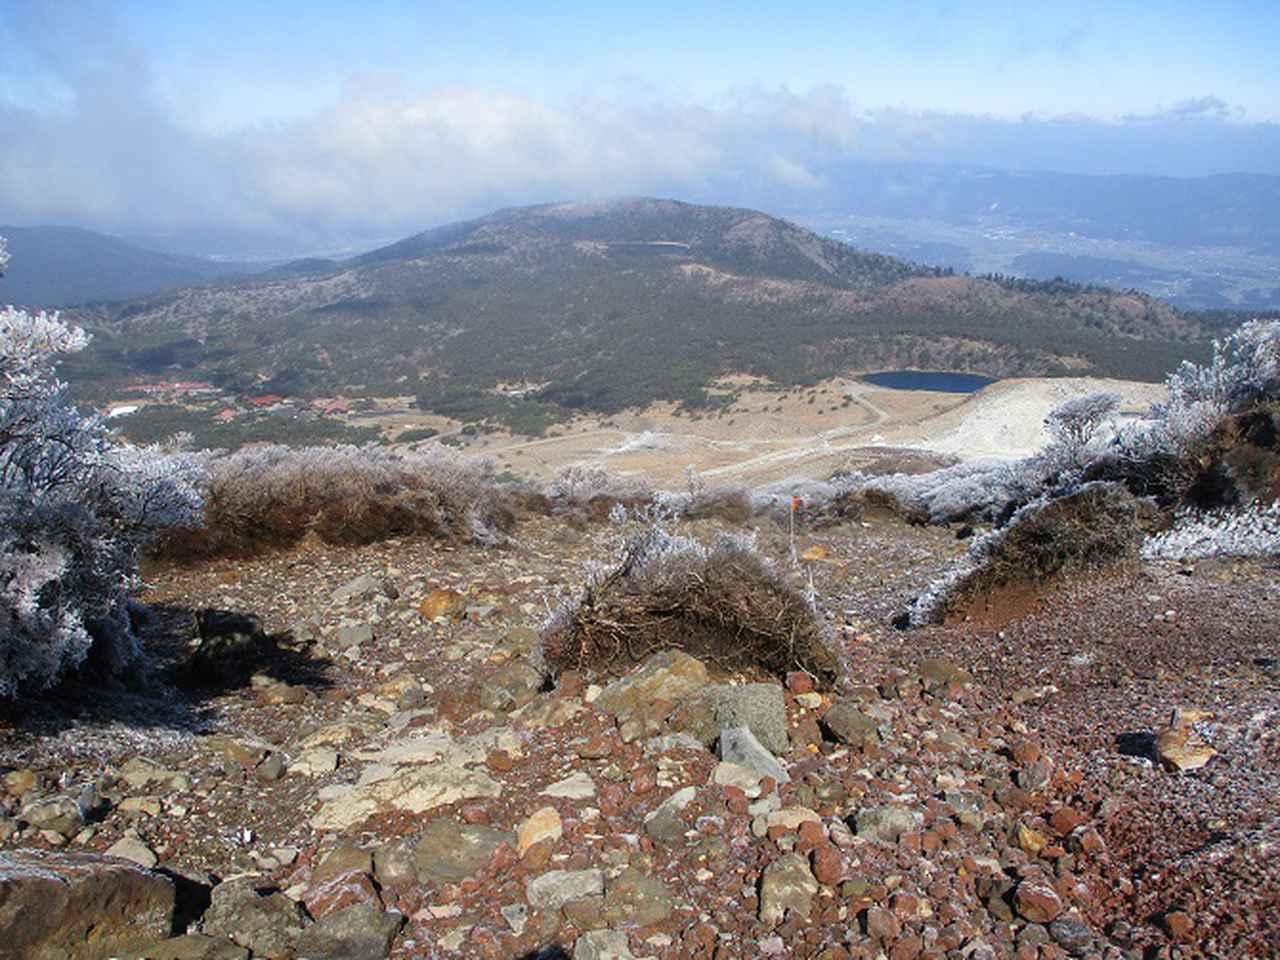 画像7: 来年春の企画素材をさがして九州の 韓国岳 に行ってきました!